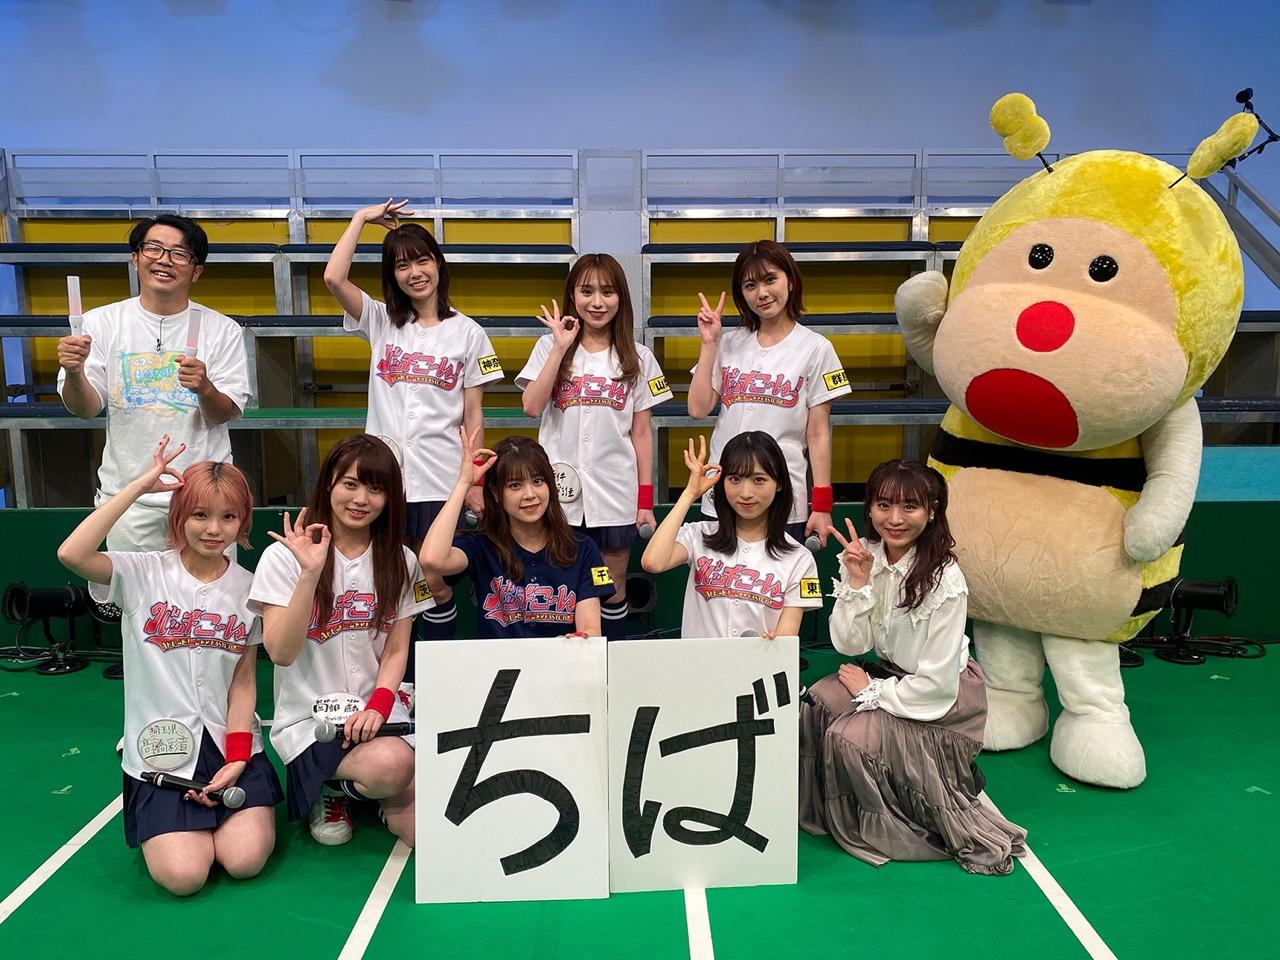 「AKB48チーム8のKANTO白書 バッチこーい!」#91:バッチバチ!チーム8全国ツアー 勝手に2周目・千葉県公演!【2021.7.18 24:30〜 千葉テレビ】